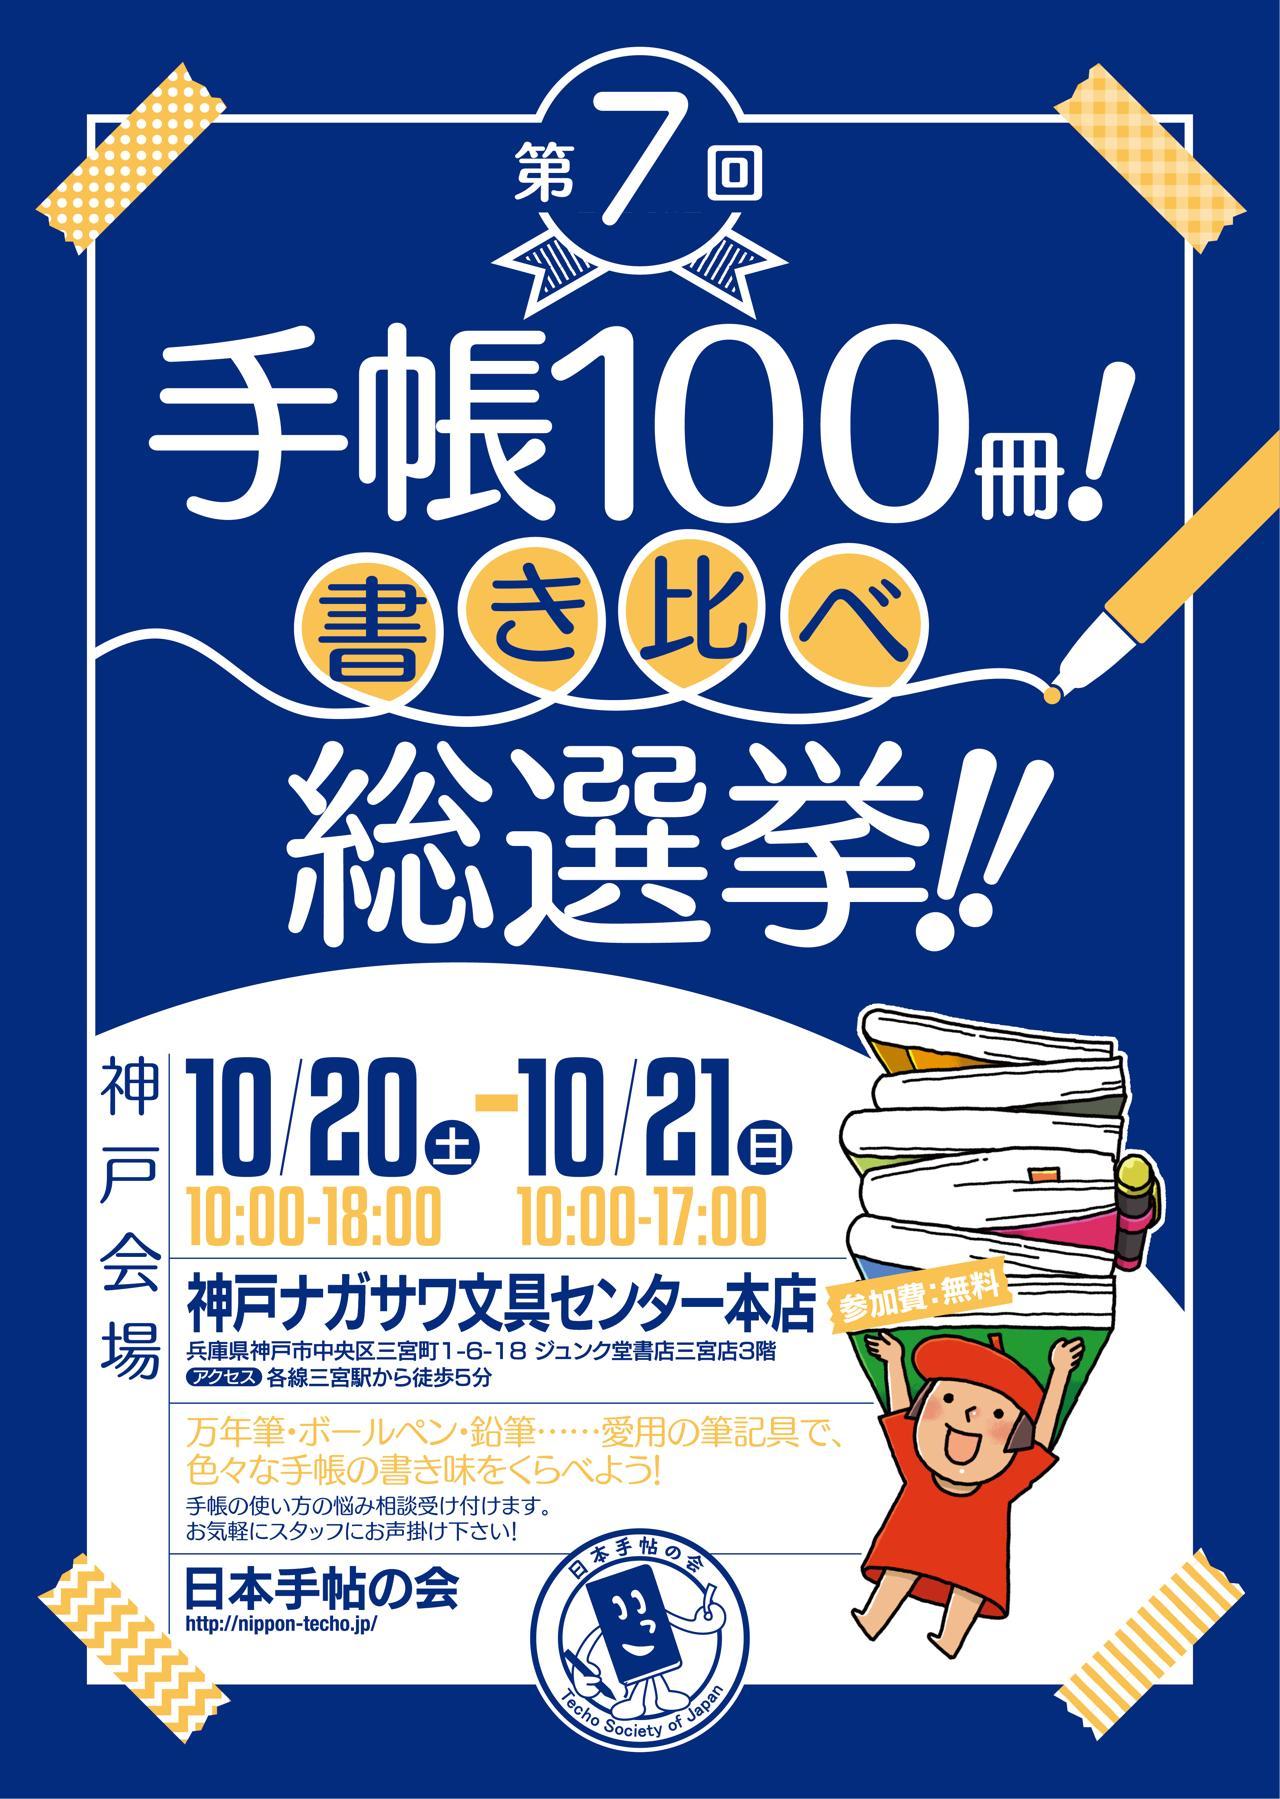 【本店】第7回 手帳100冊!書き比べ 総選挙!!手帳のお悩み解決いたします!